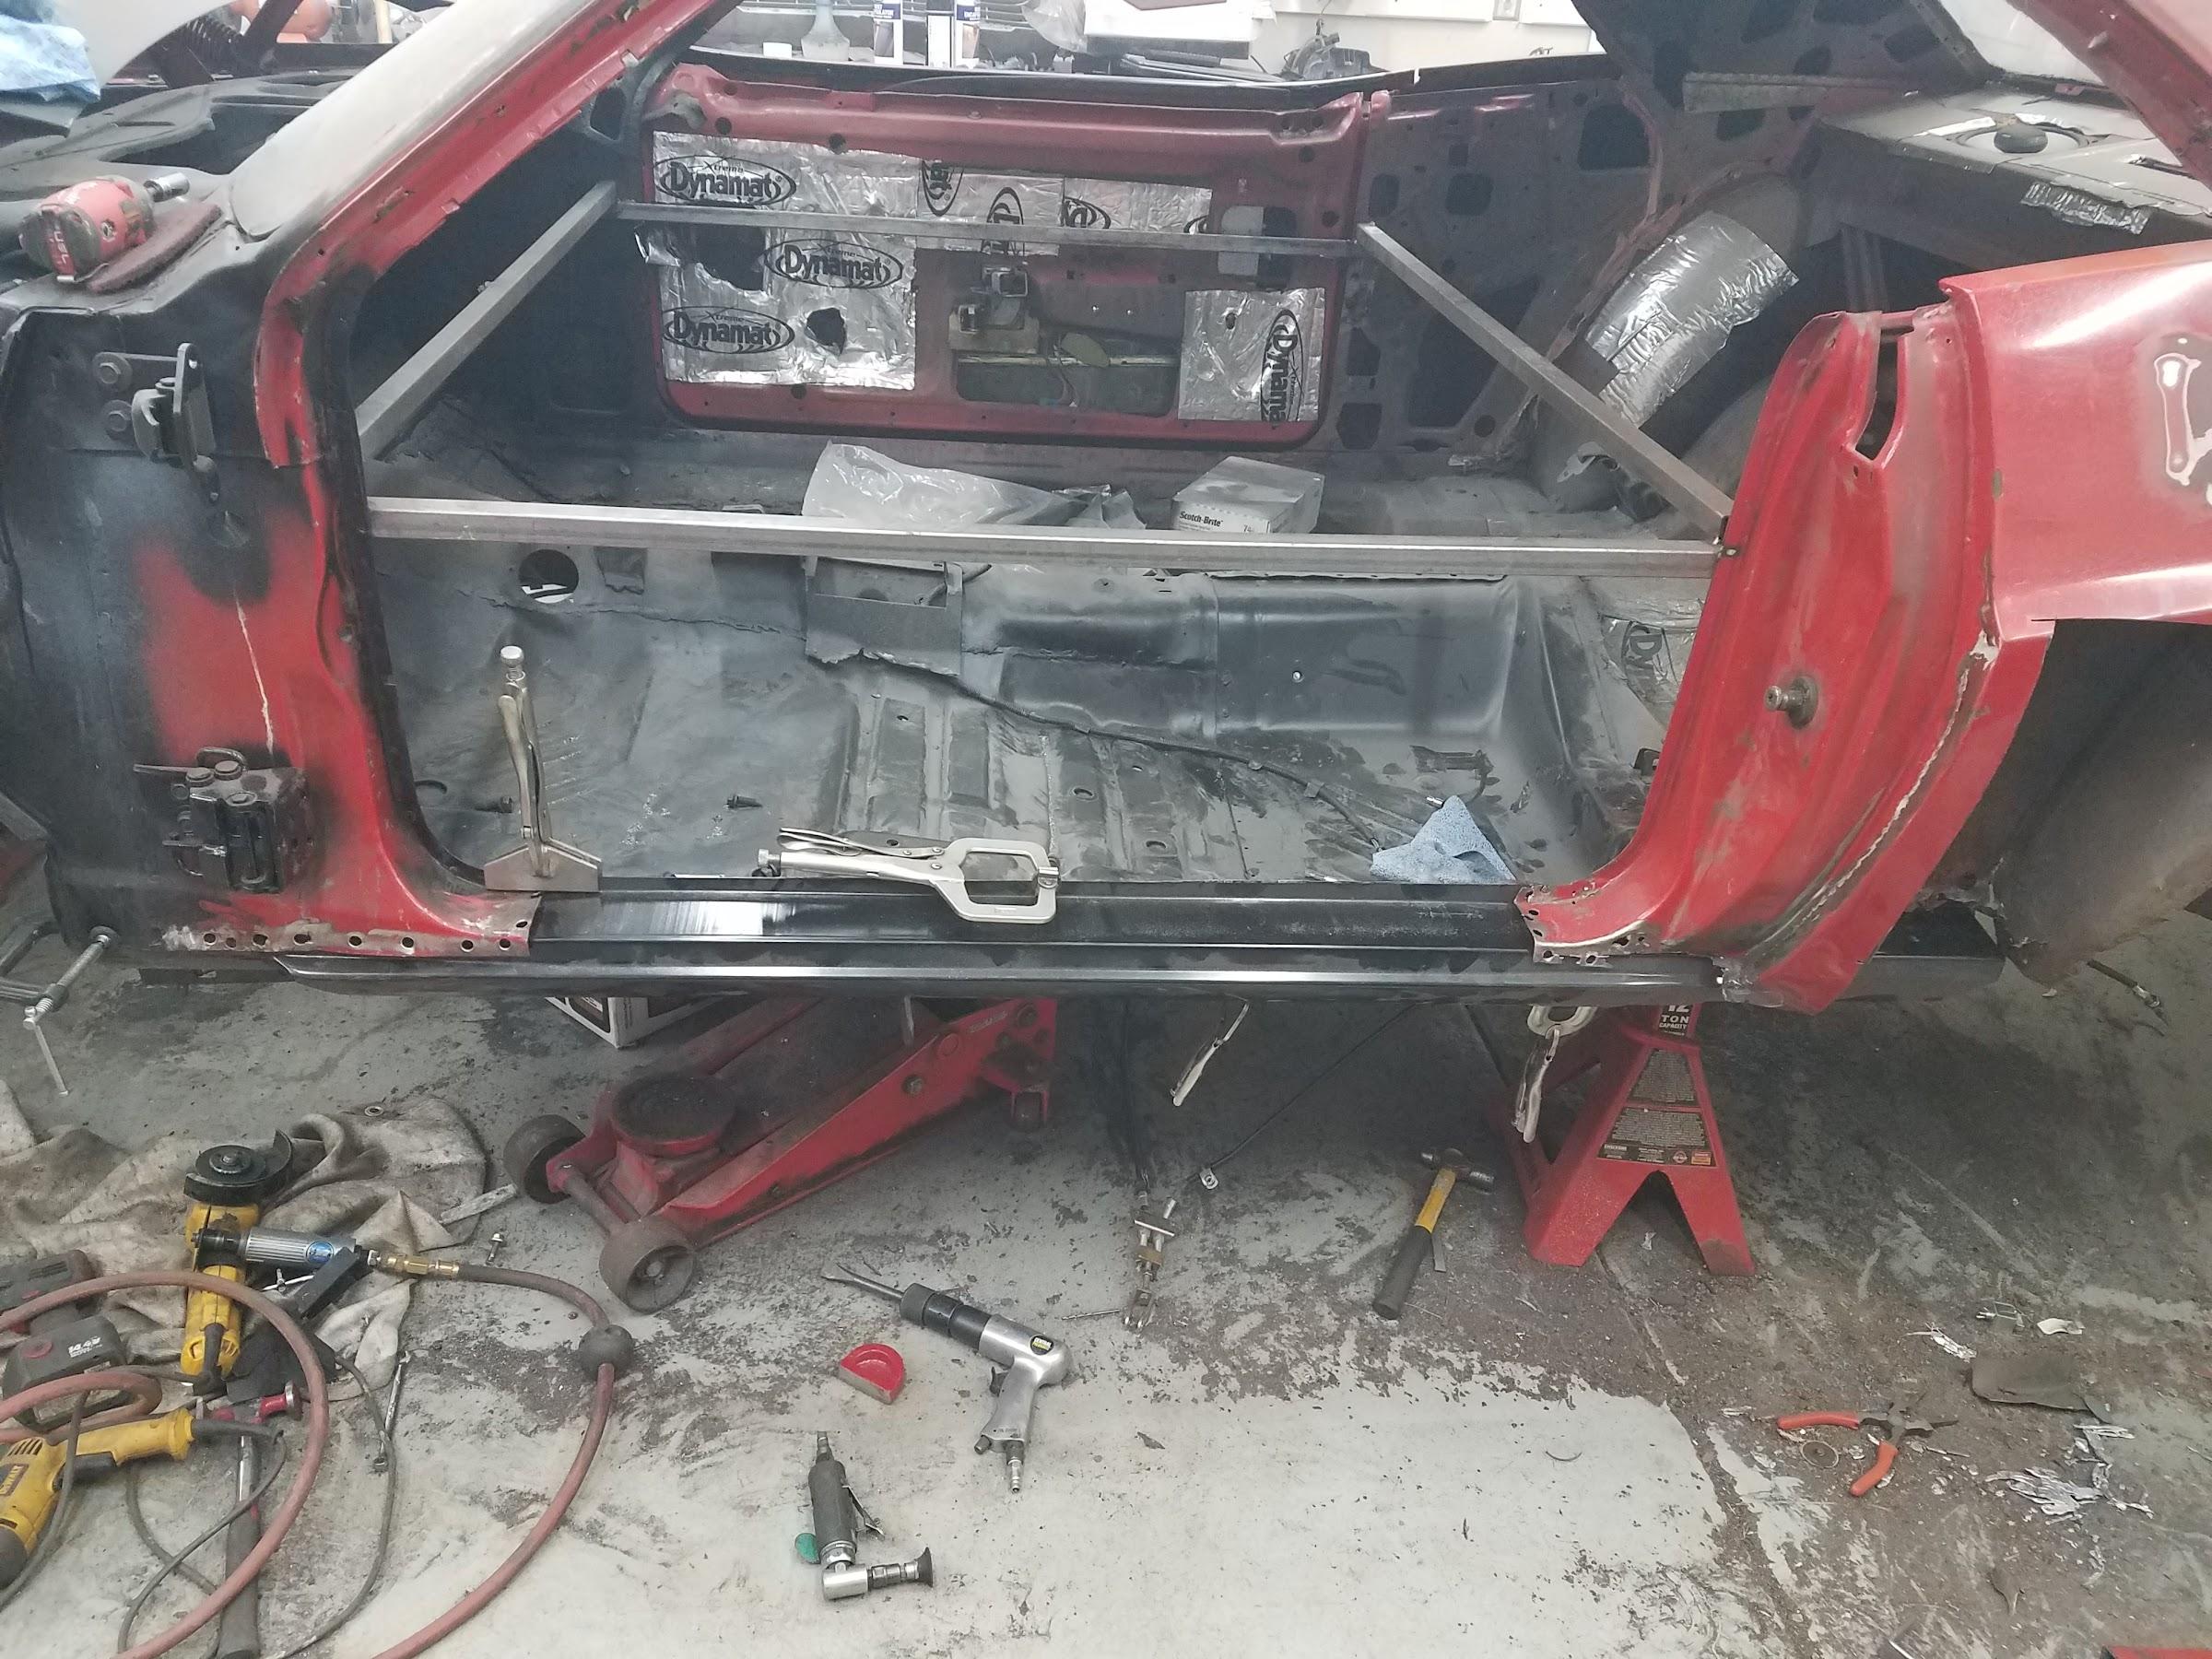 wW_jPa6S-yMEVBt921E56aocbLD2y44SAlj_AN3GzeHseko4kkR5VxEha2TTJ0JX-7Vgtty8WsUeQjhgHge4ZO4nxGOUtKqguMjmXkmTtjFARFNj3YI7XFyeczmJBuCTXF1uYM943w=w2400 in 1974 Challenger Resto in Your Restoration project (ROSEVILLE MOPARTS)